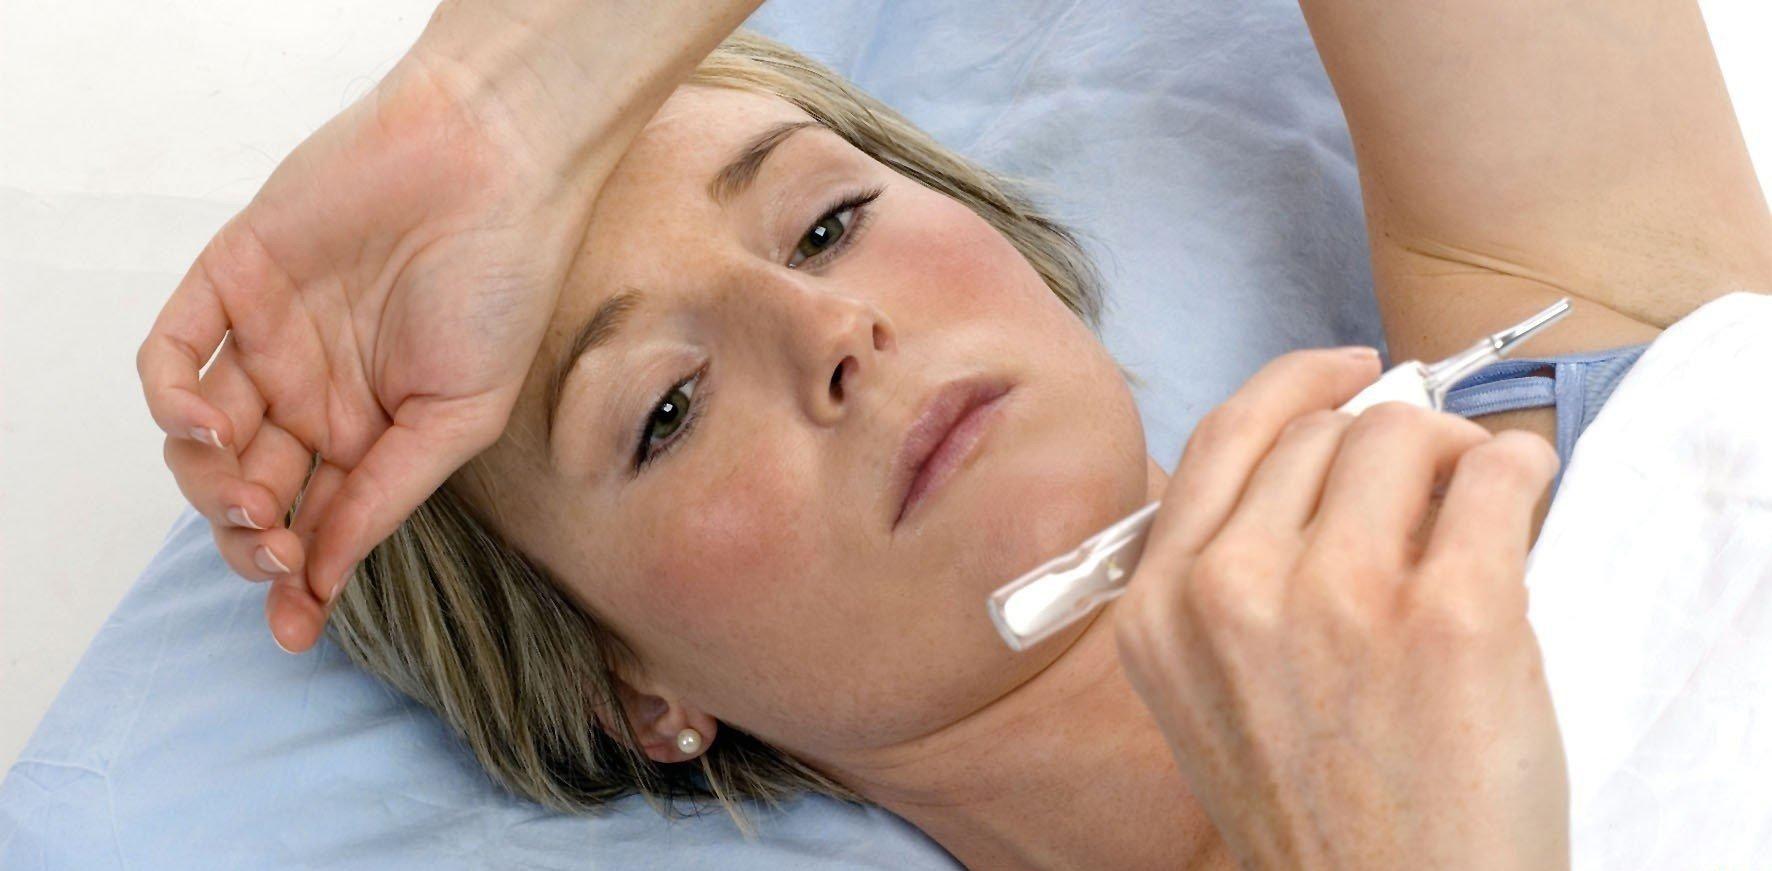 повышение температуры у женщины при воспалении кисты молочной железы